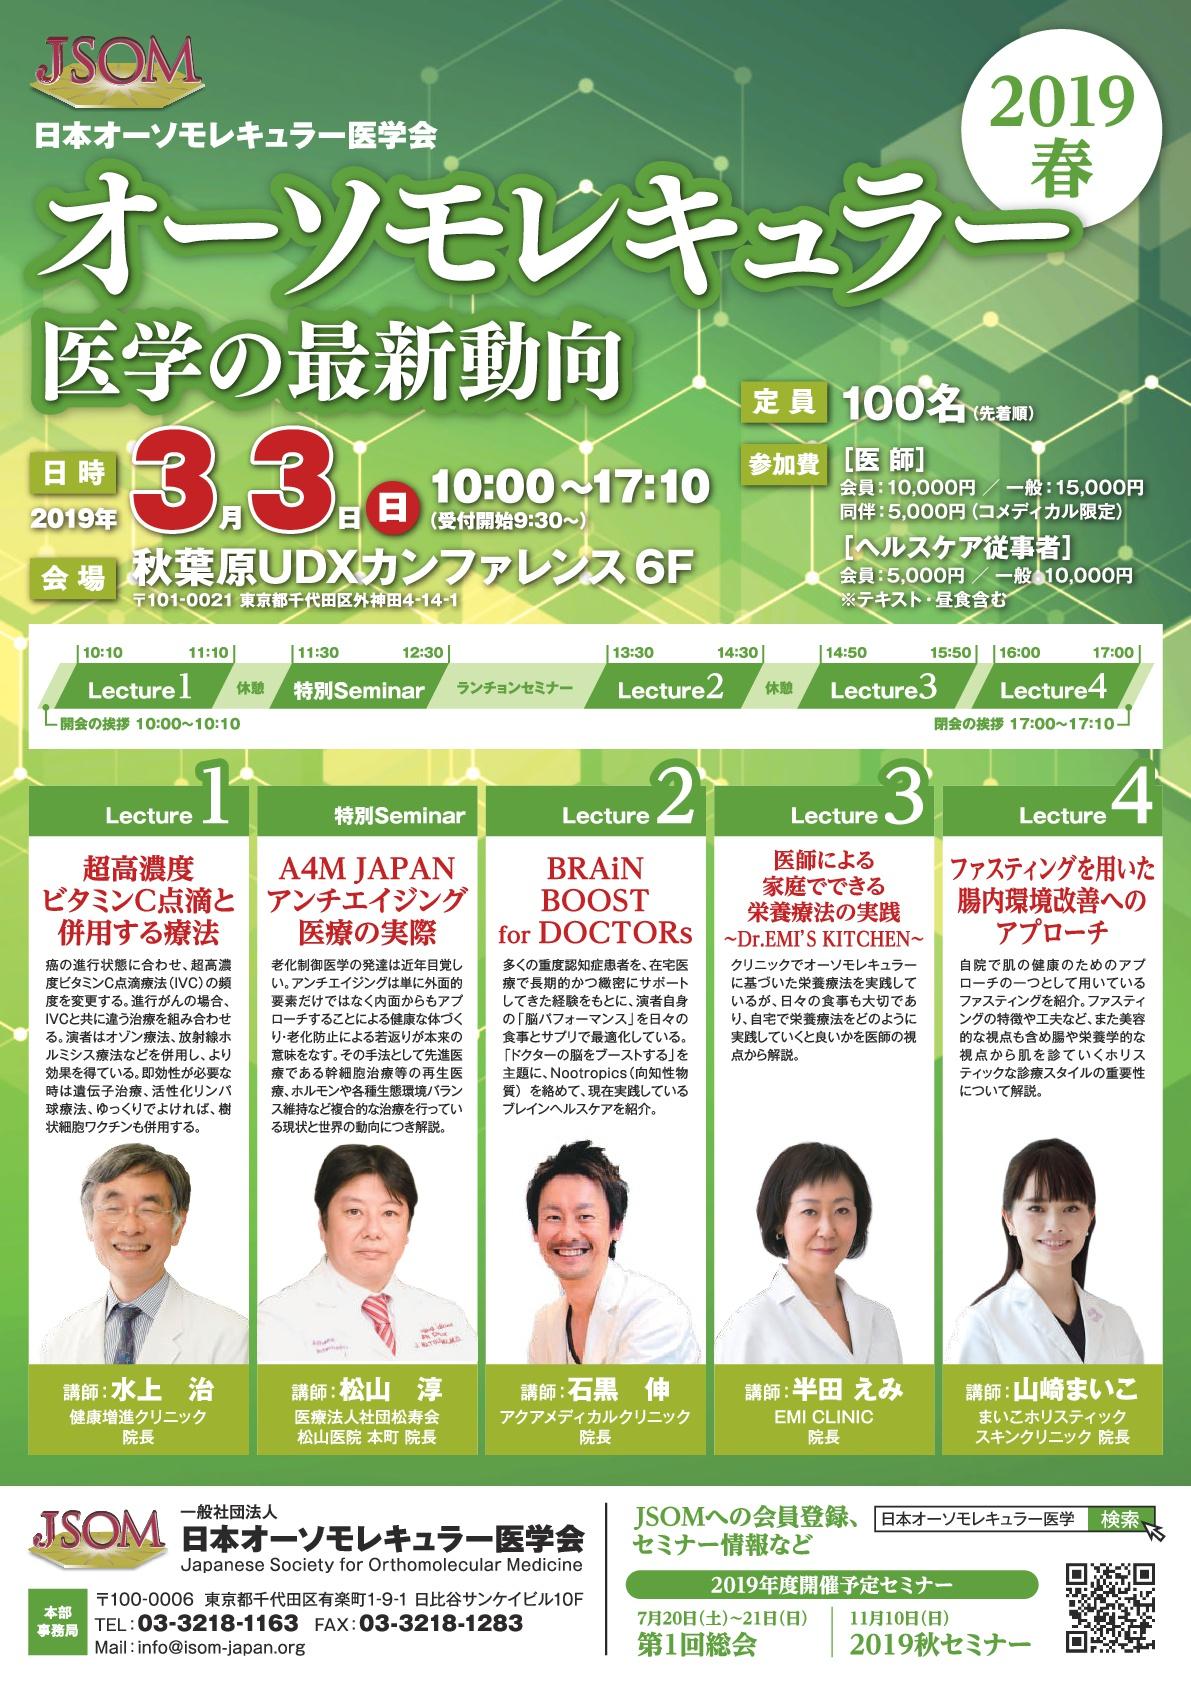 【終了いたしました】「オーソモレキュラー医学の最新動向2019-春」において、当学会代表理事 松山淳が「A4M JAPAN特別セミナー」を行います。